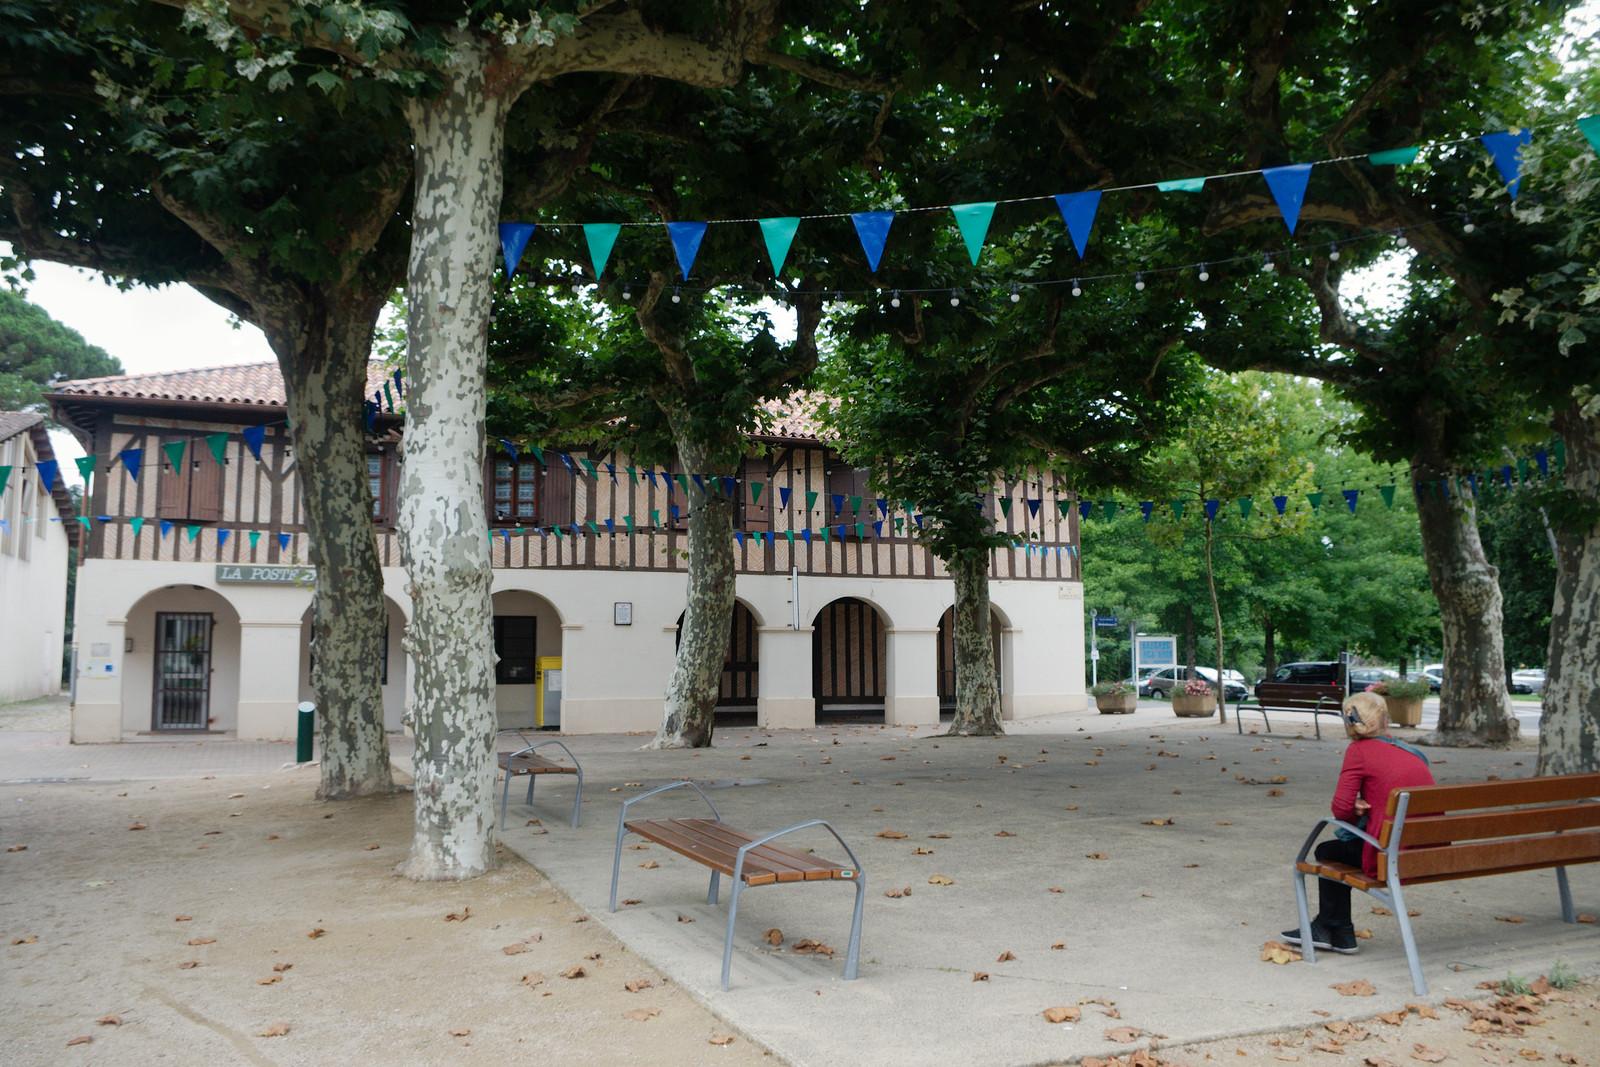 Place de Moliets-et-Maa